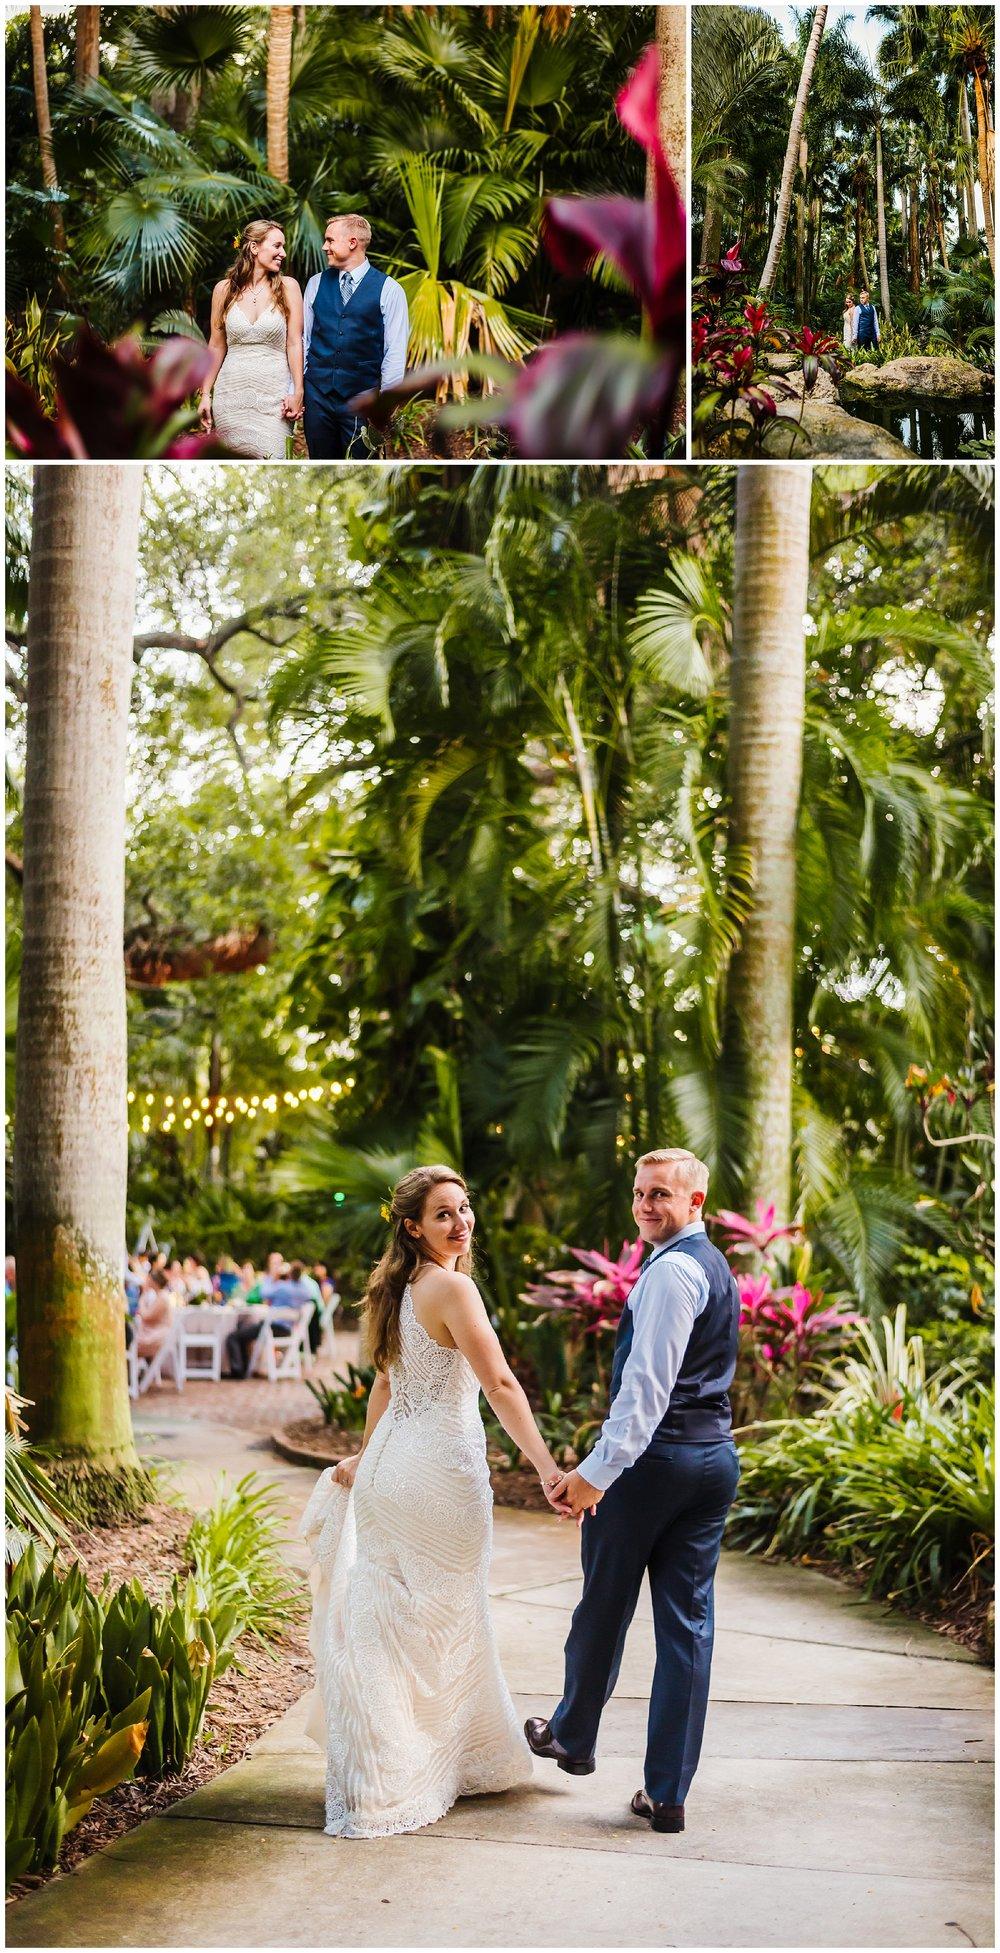 st-pete-wedding-photographer-post-card-inn-sunken-gardens-hawaiian-theme-dueling-pianos_0051.jpg